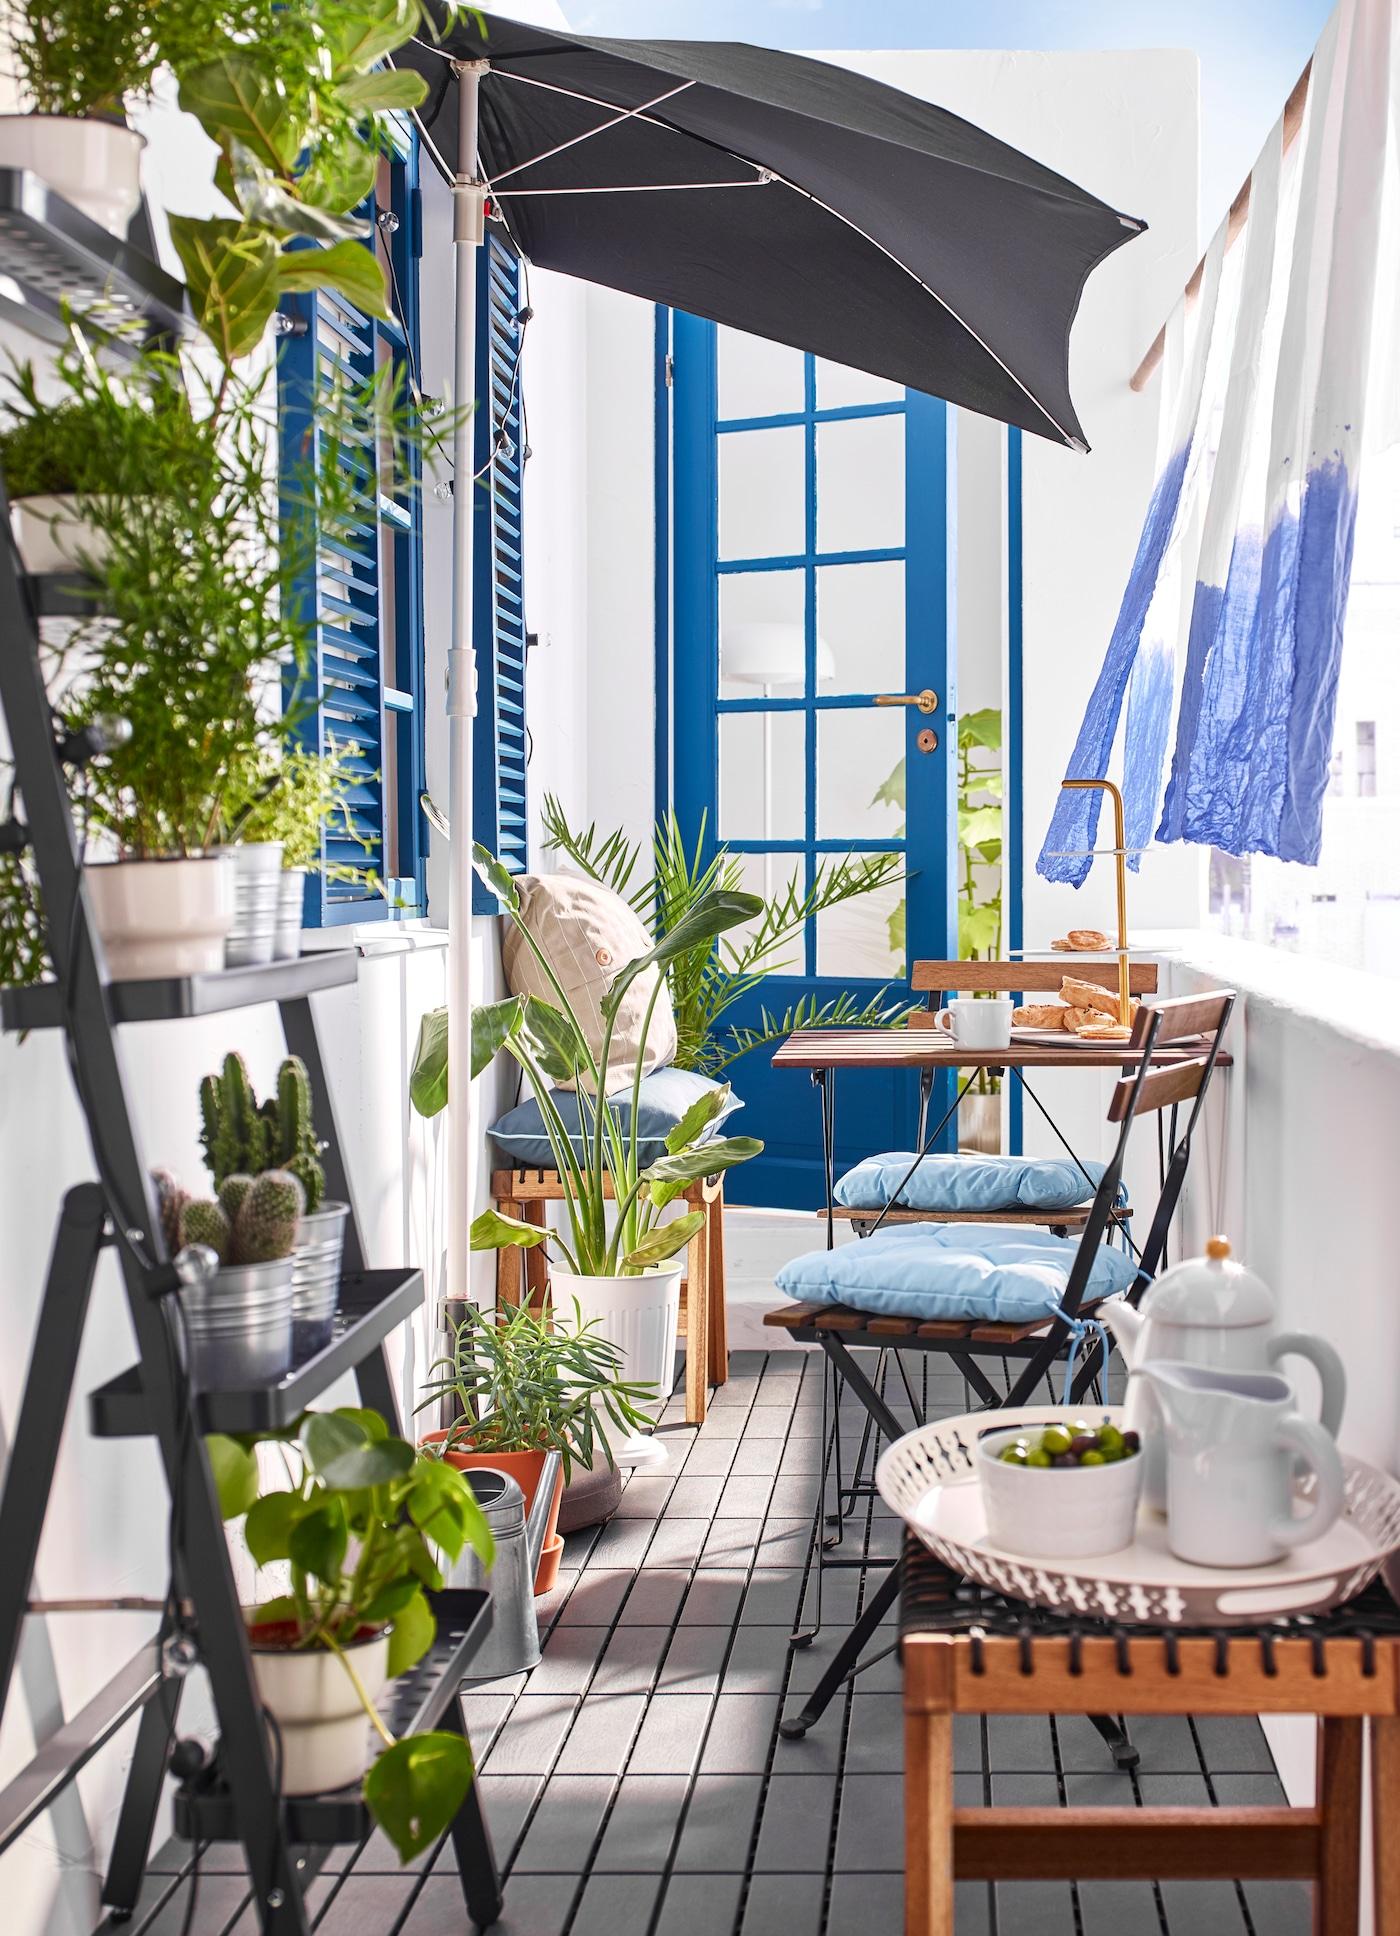 Table Pour Balcon Étroit un petit balcon étroit et privé - ikea